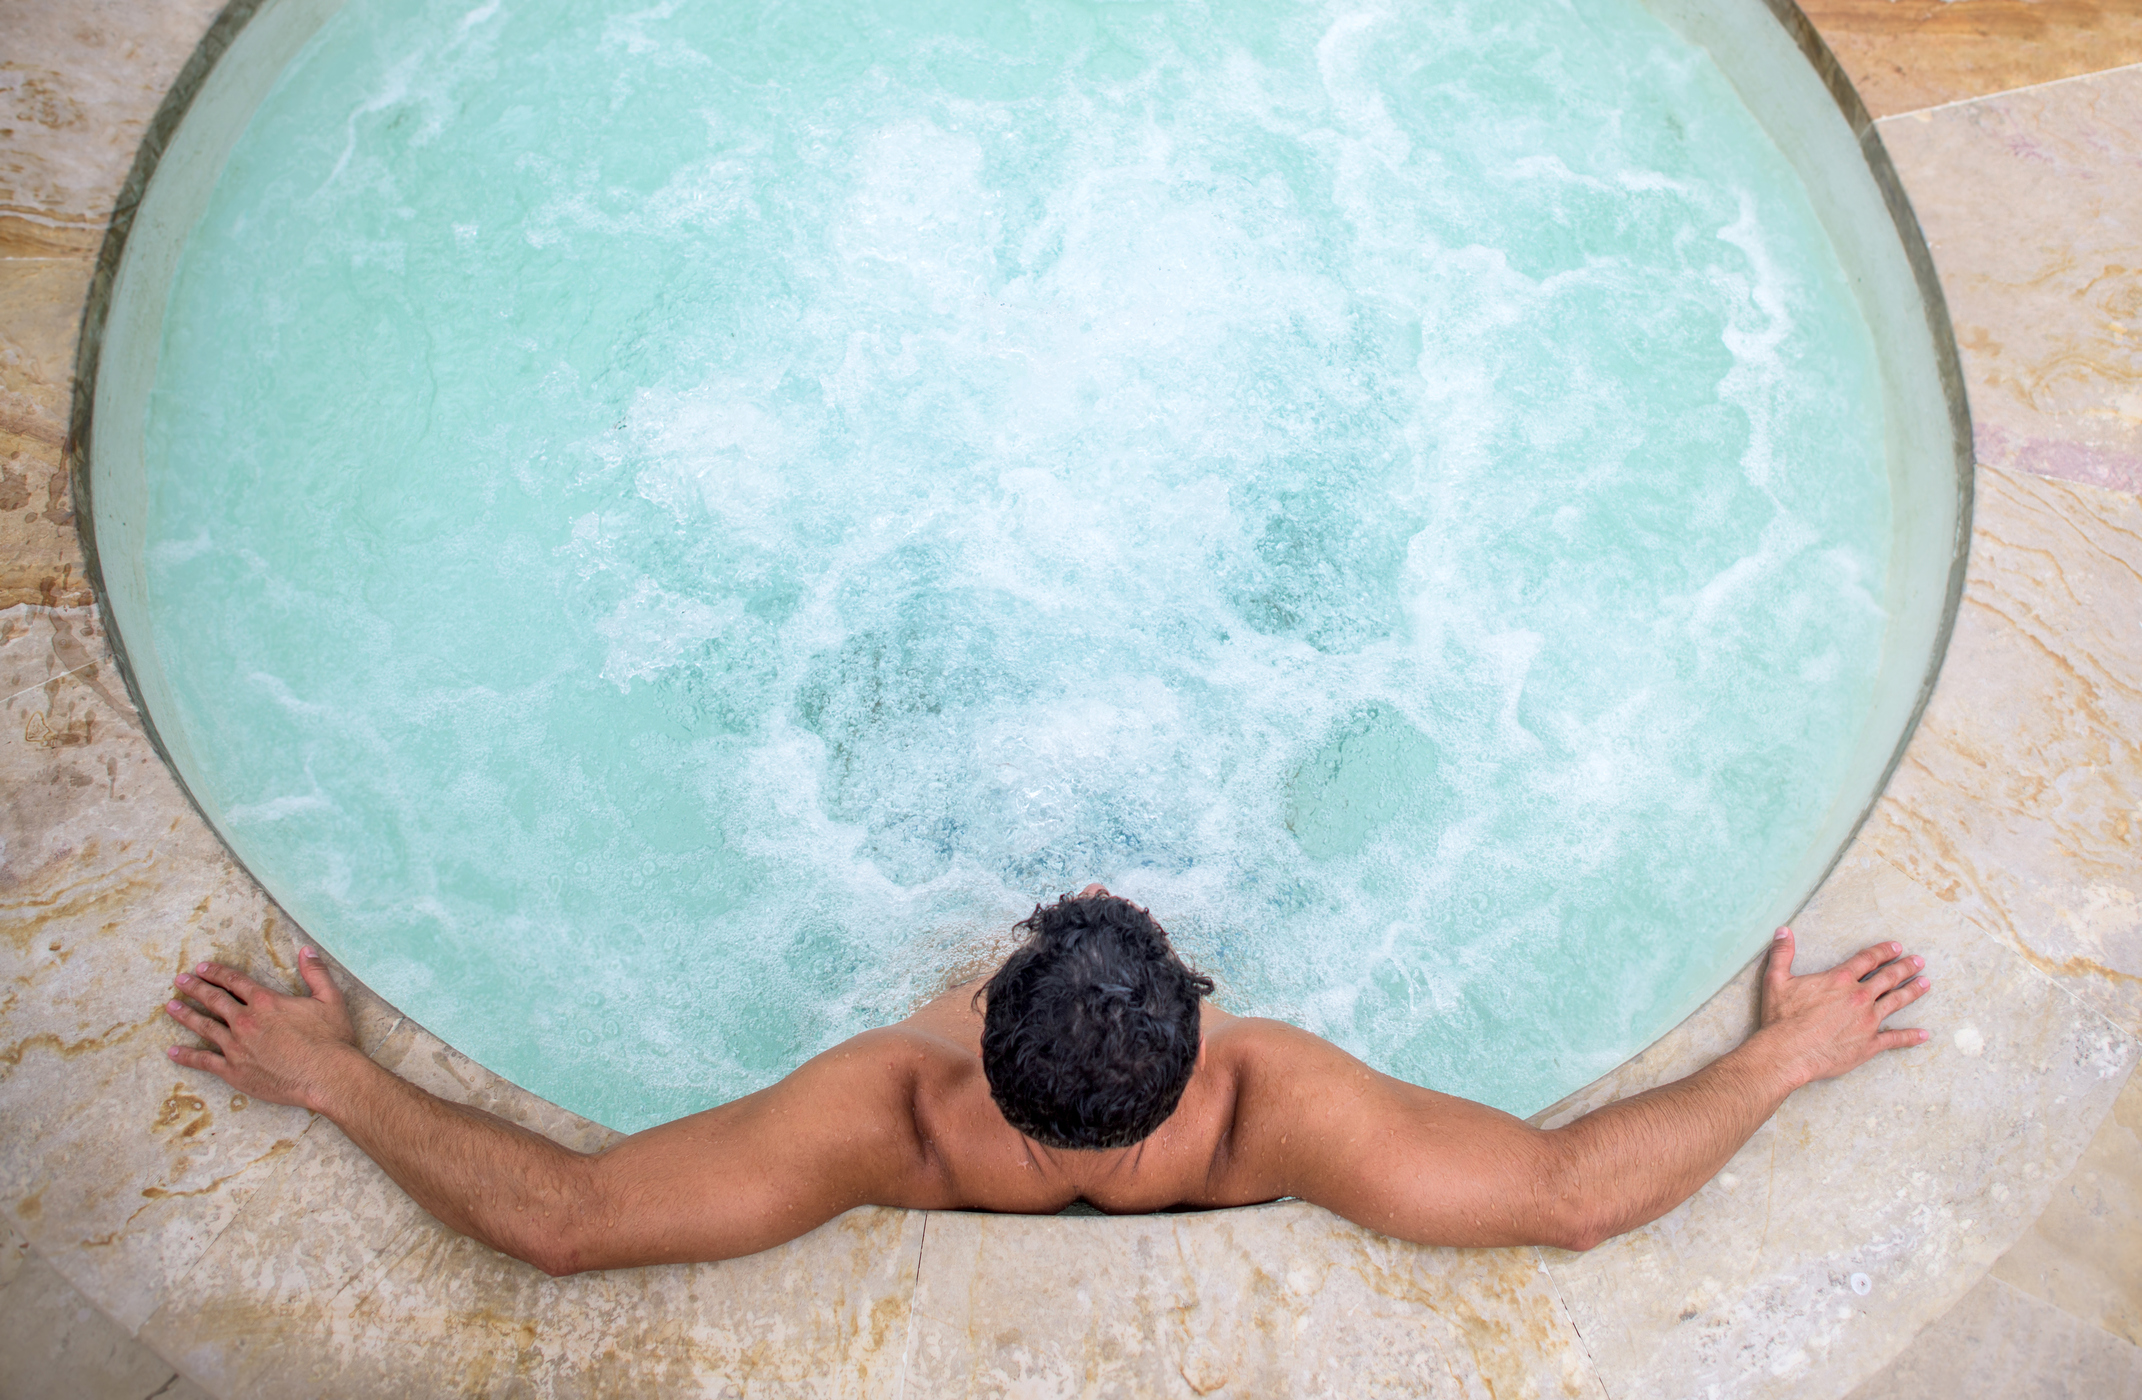 Community hot nake tub type